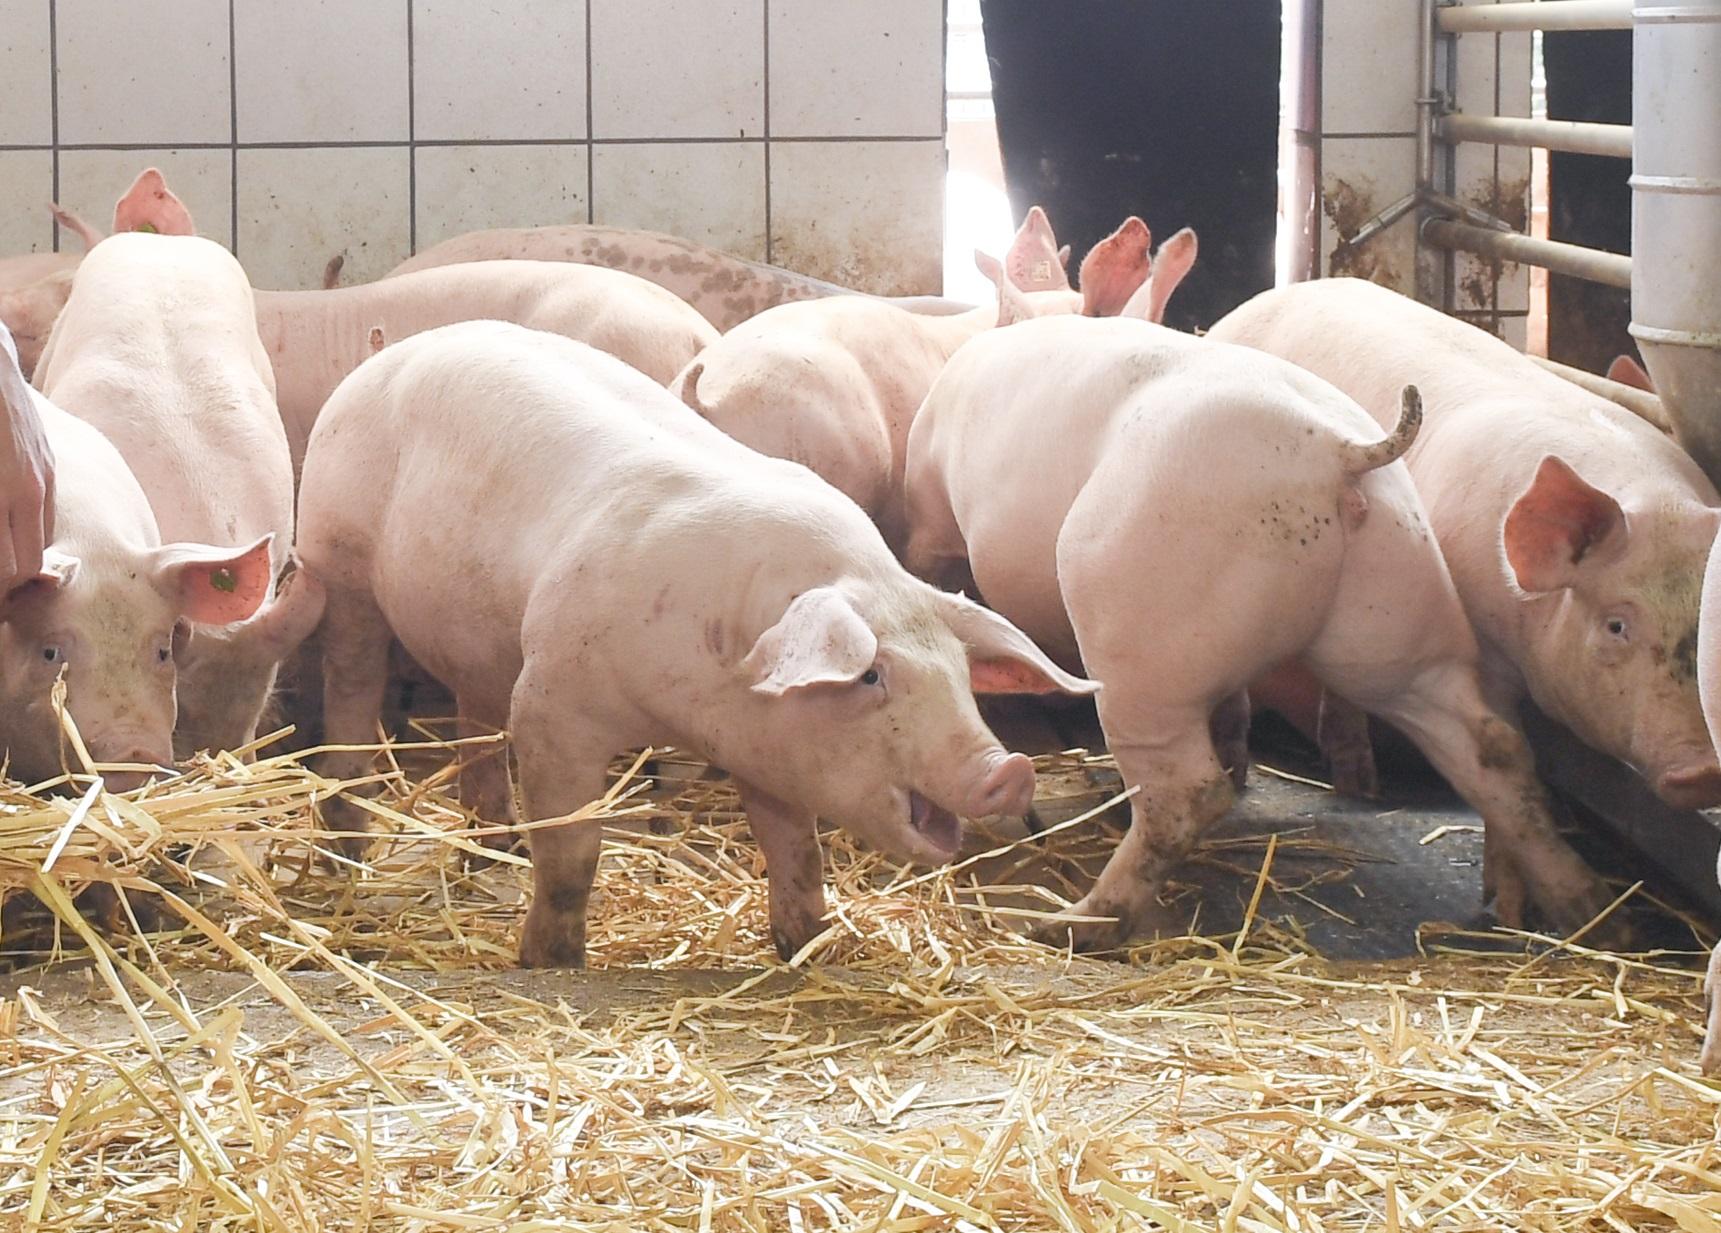 Wissenssammlung für Bau tierwohlgerechter Ställe online